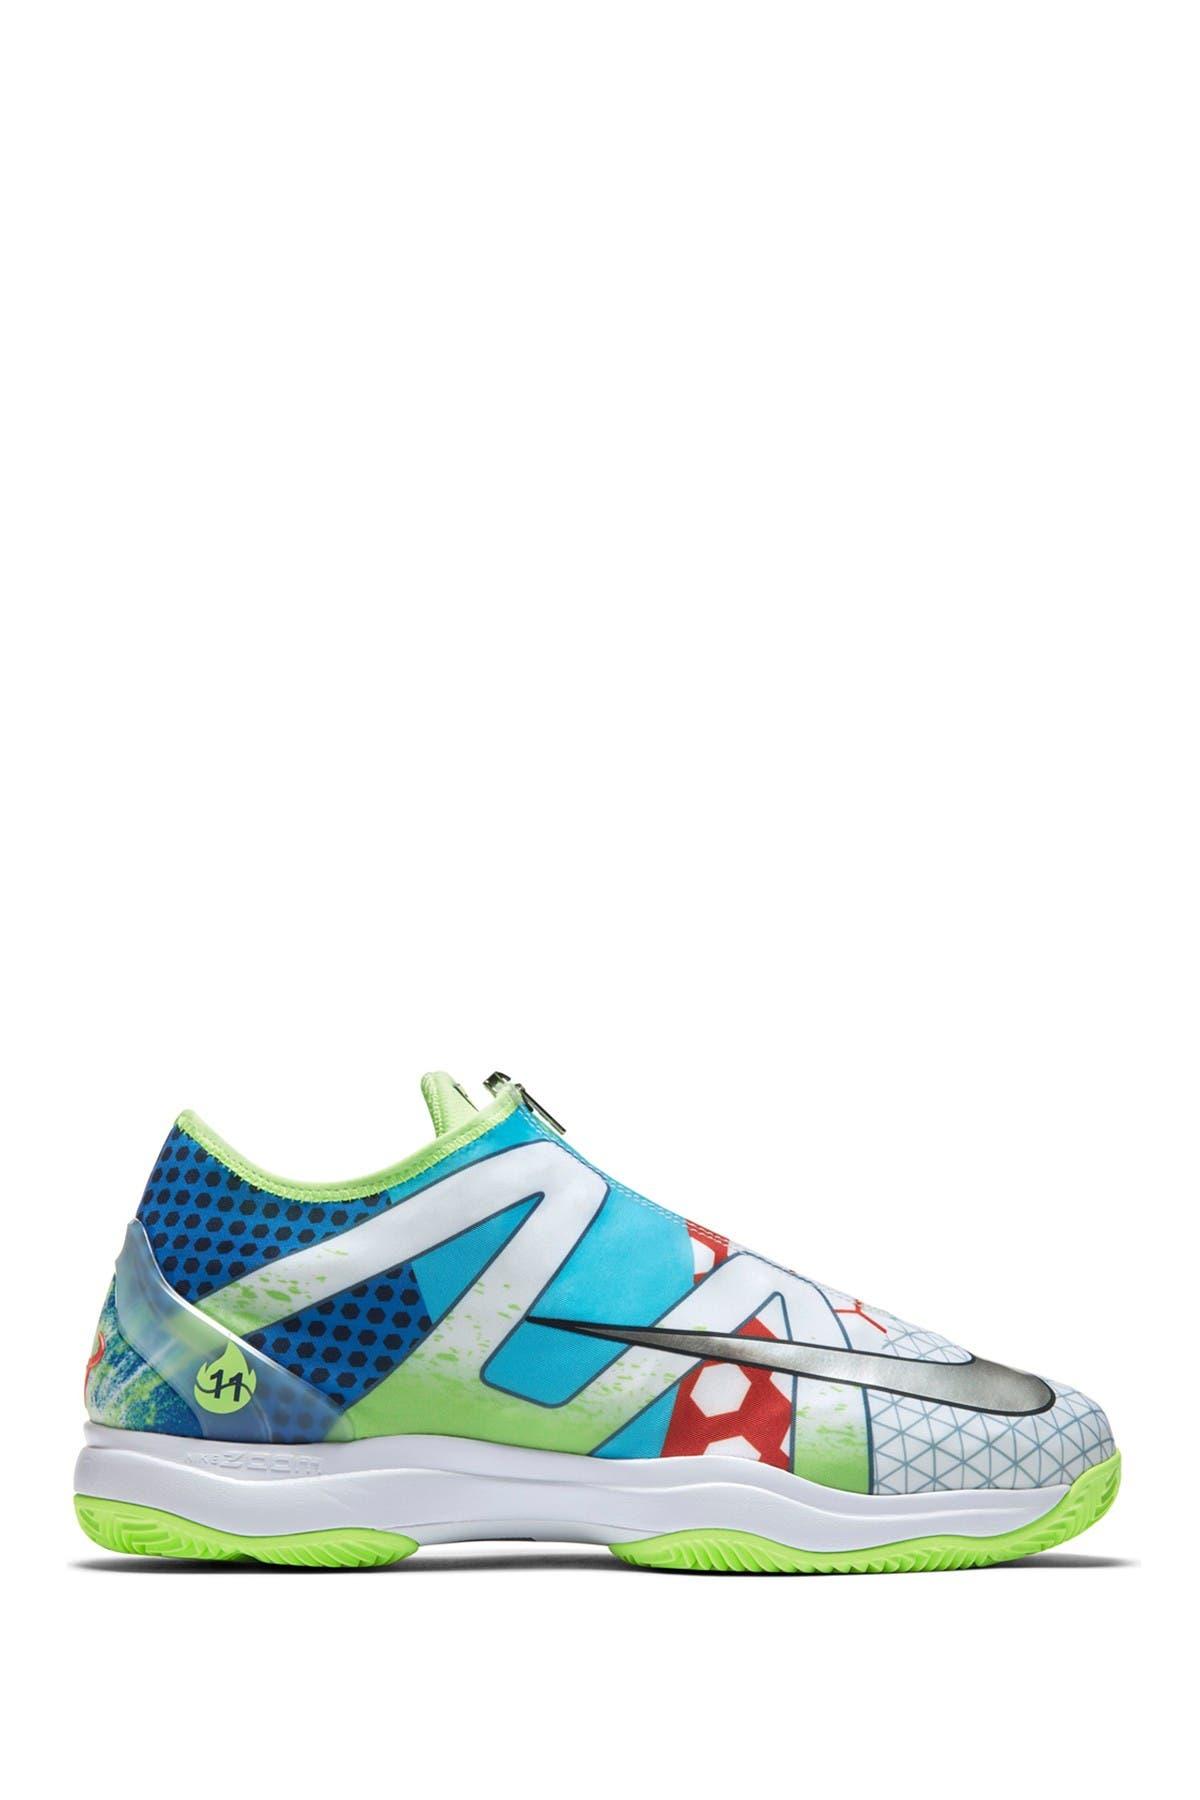 Ellos República administración  Nike   Air Zoom Cage 3 Glove Clay Tennis Shoe   Nordstrom Rack